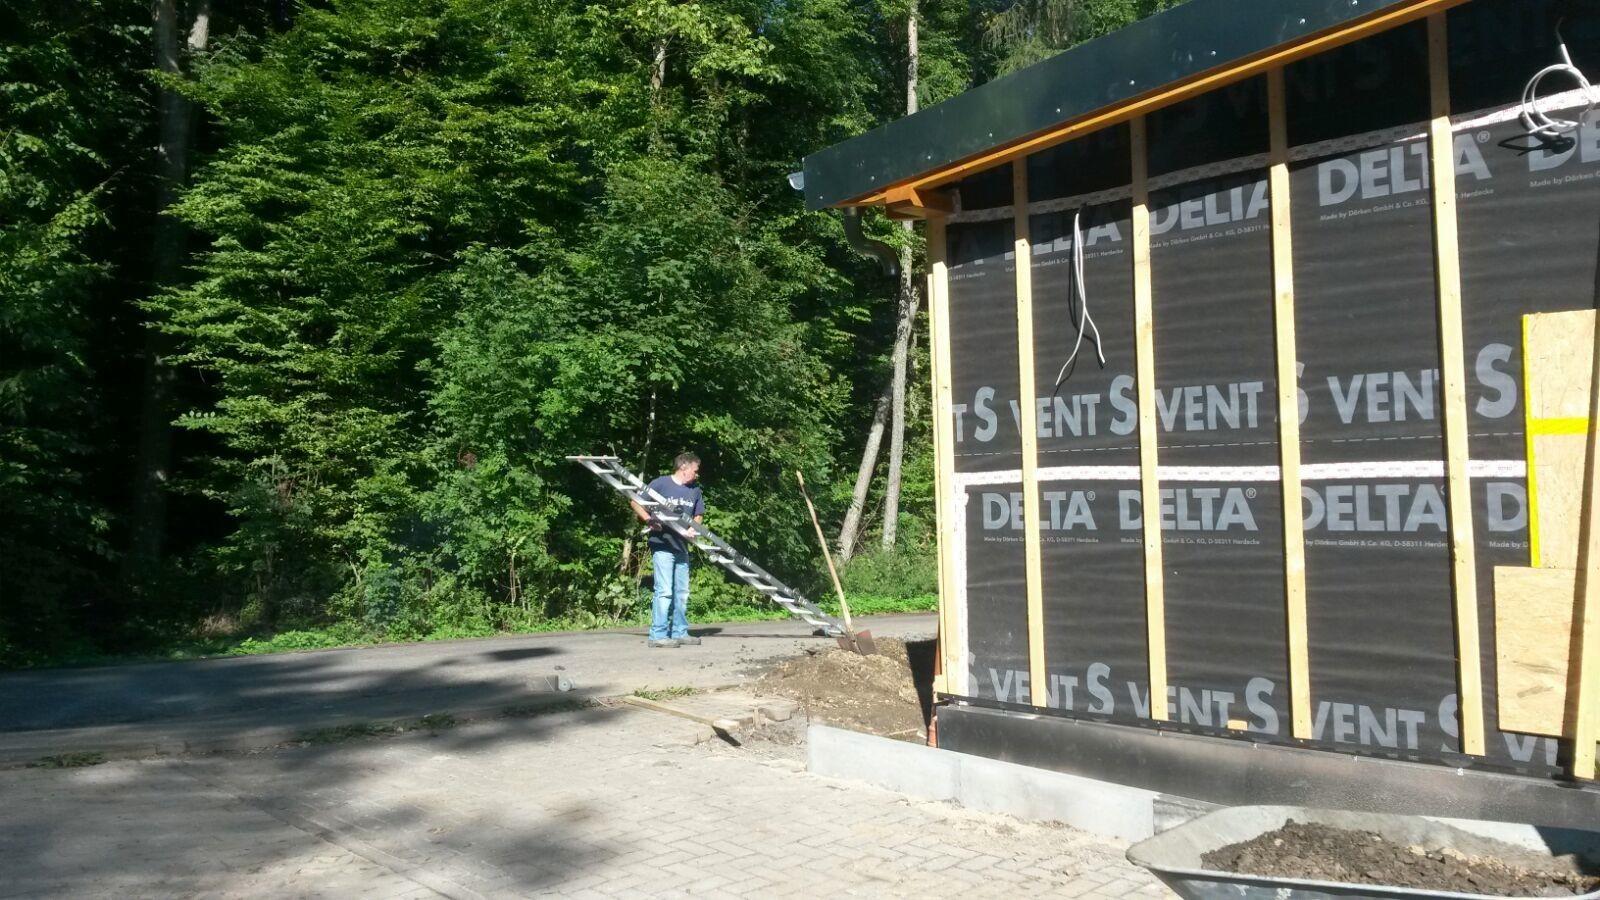 Dacharbeiten sind abgeschlossen, Gotthard packt die Leiter weg